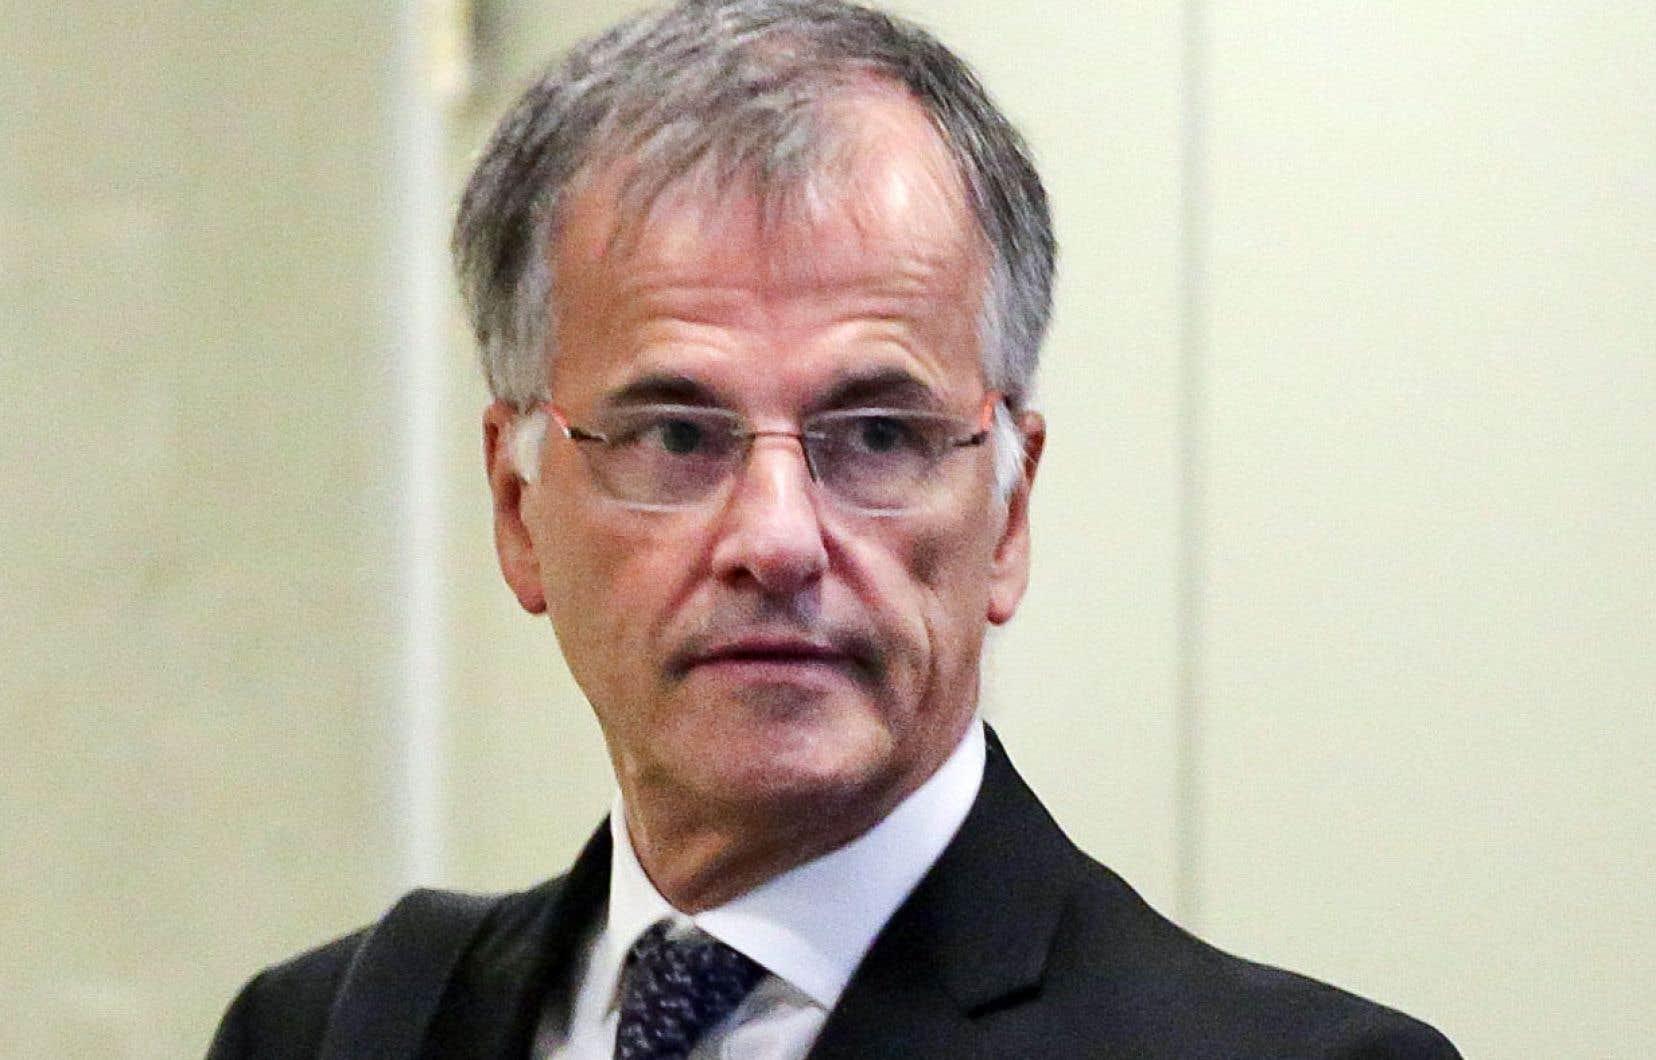 Selon les avocats de Guy Ouellette, la technique de l'UPAC visant à se faire passer pour un informateur auprès du député ne constituait ni plus ni moins qu'une «infraction criminelle, à savoir une fraude à l'identité».